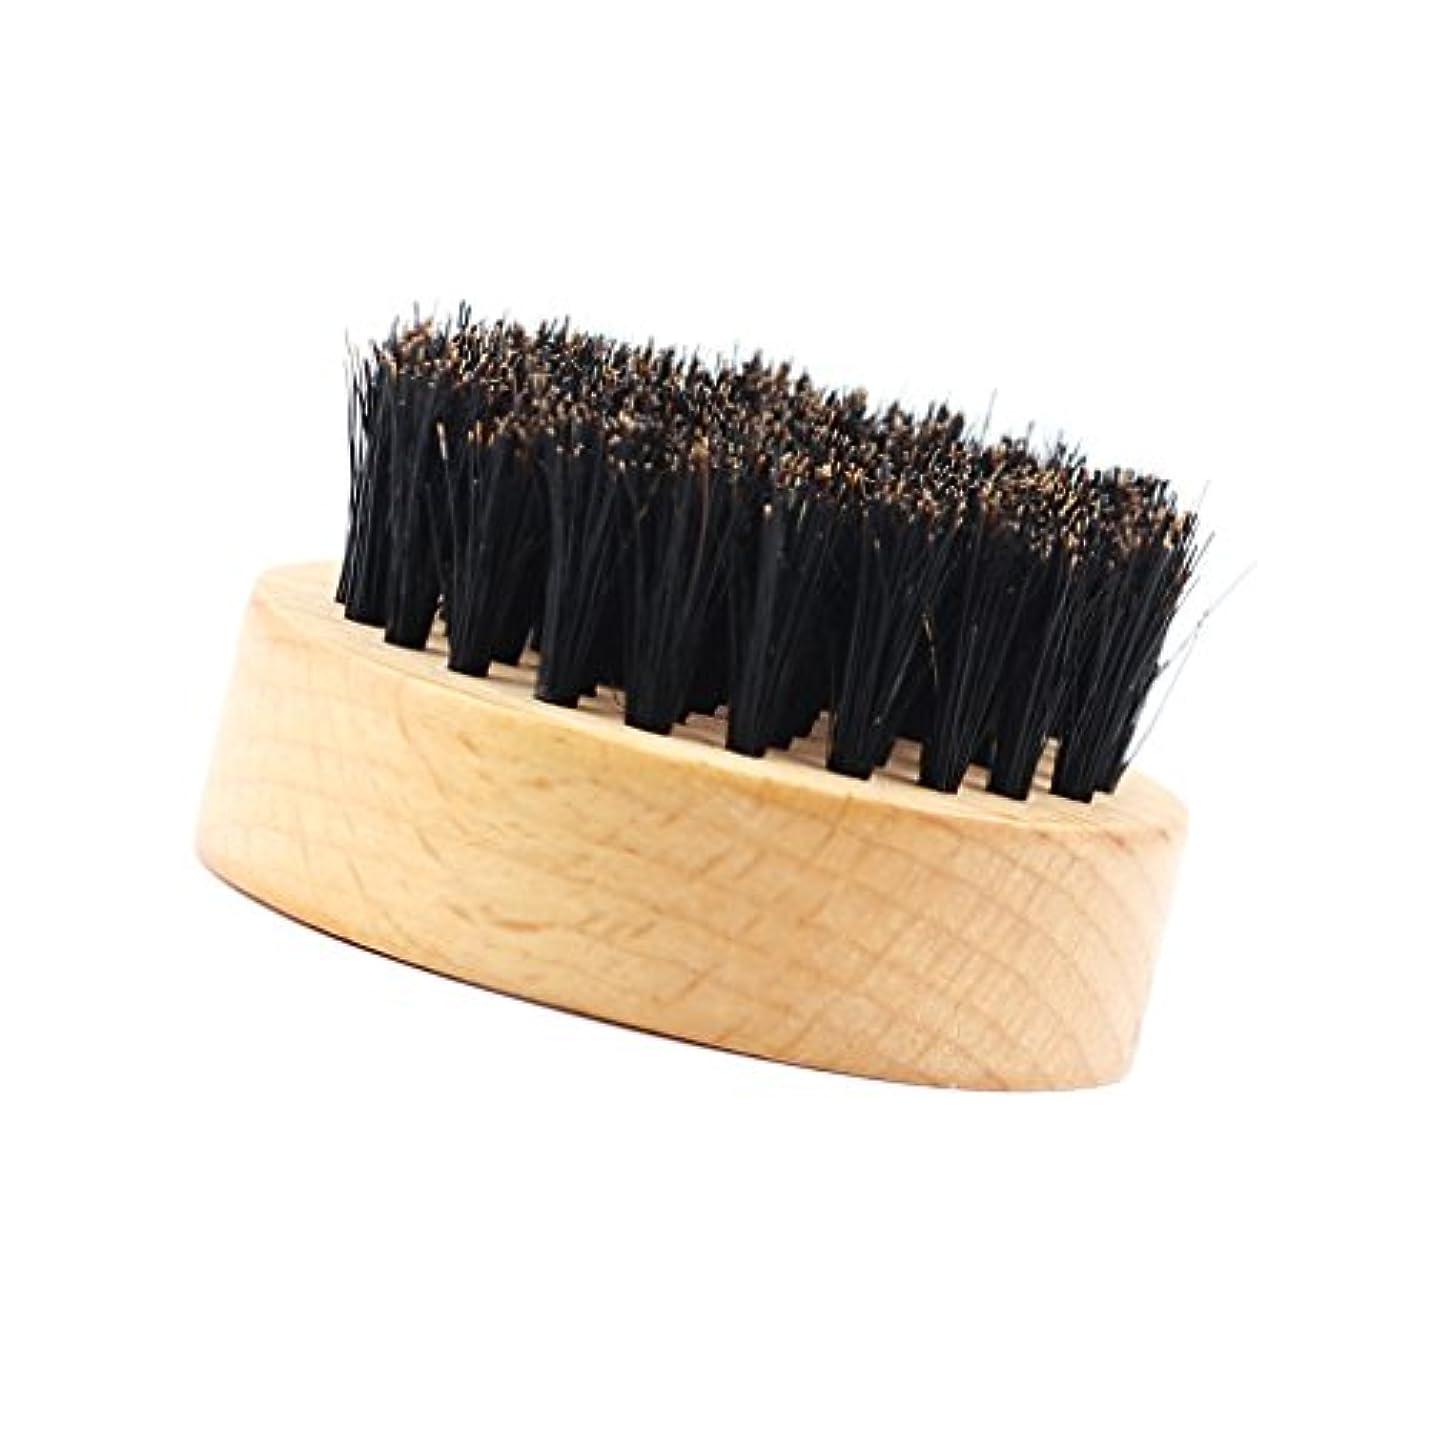 隙間スーダン生活髭ブラシ ひげ剃り 豚毛 天然木ハンドル 口ひげケア 2タイプ選べる - #2